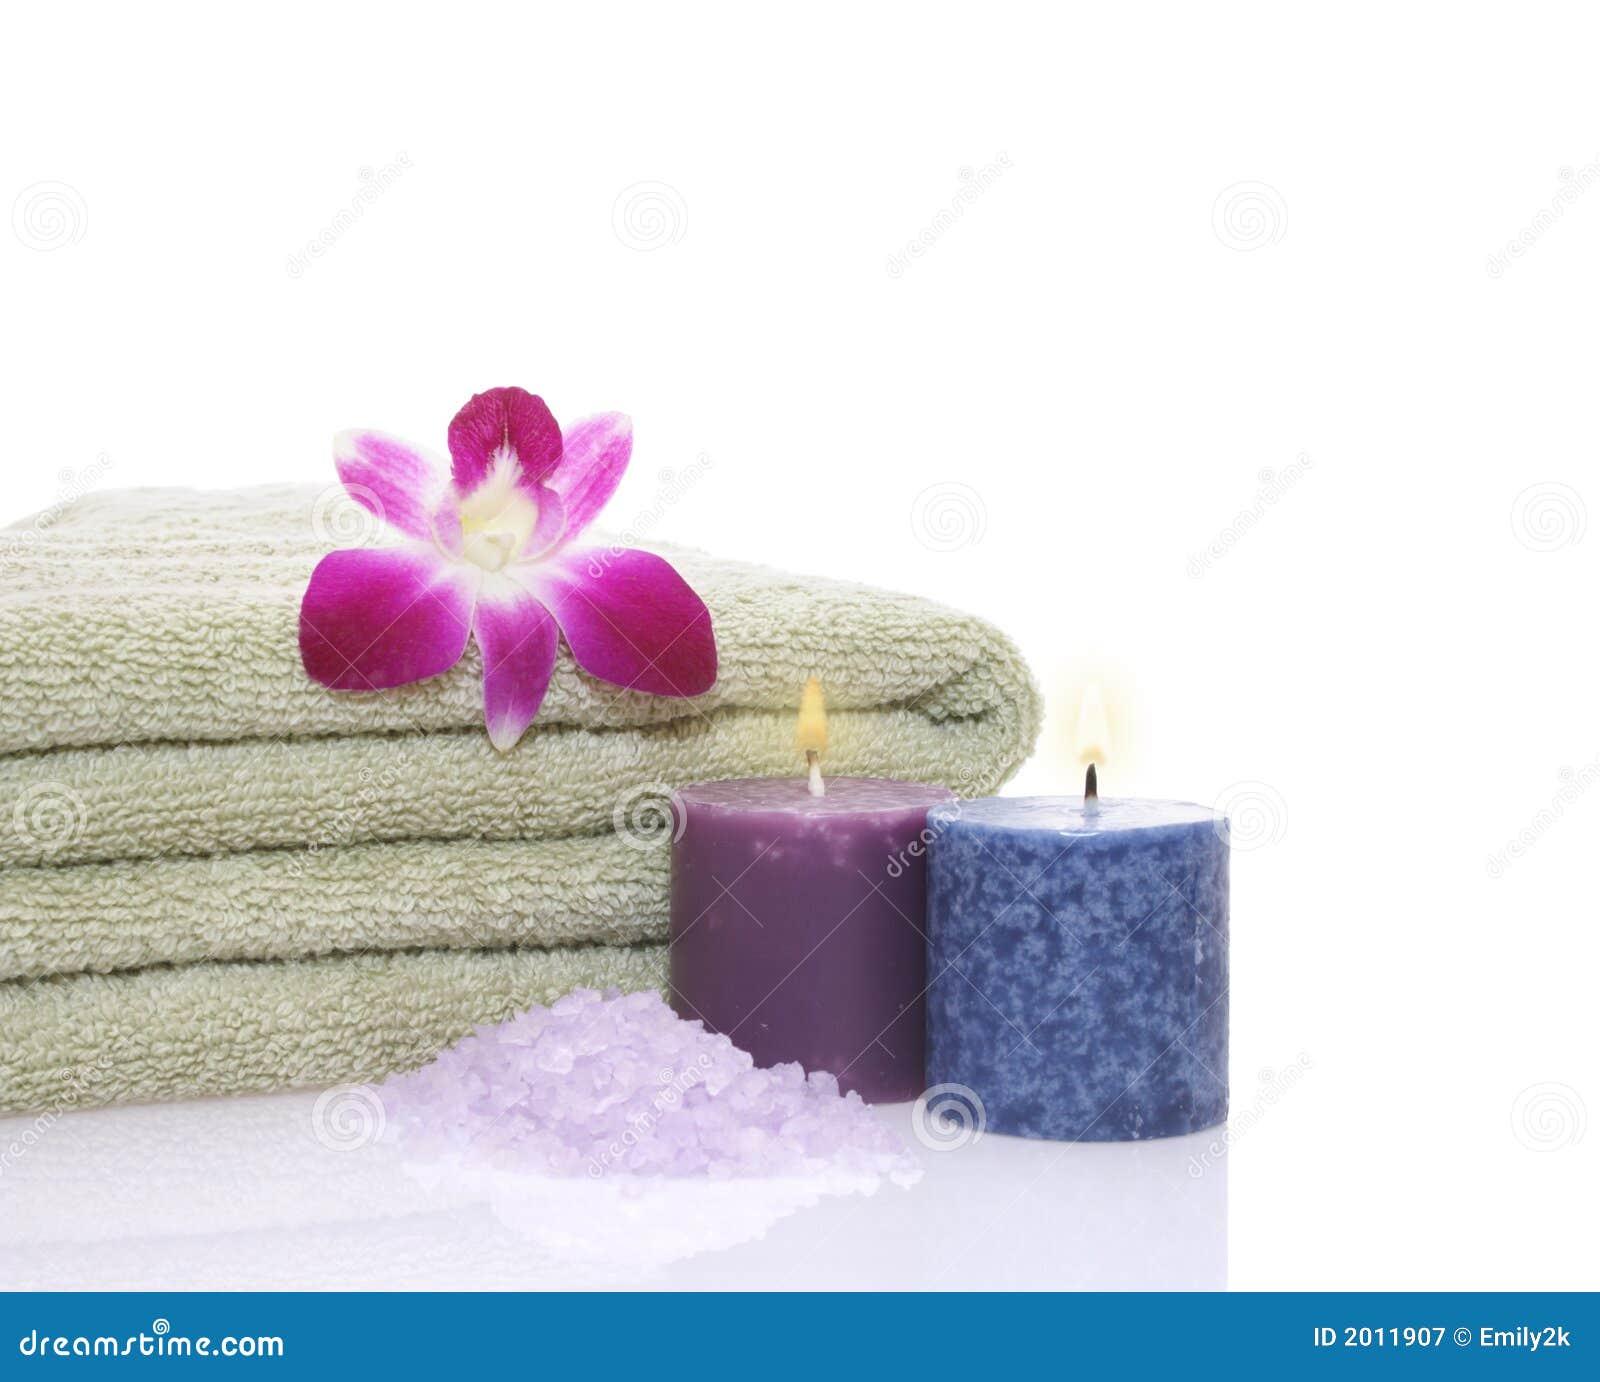 Tovagliolo candele orchidea e sale di bagno verdi - Candele da bagno ...